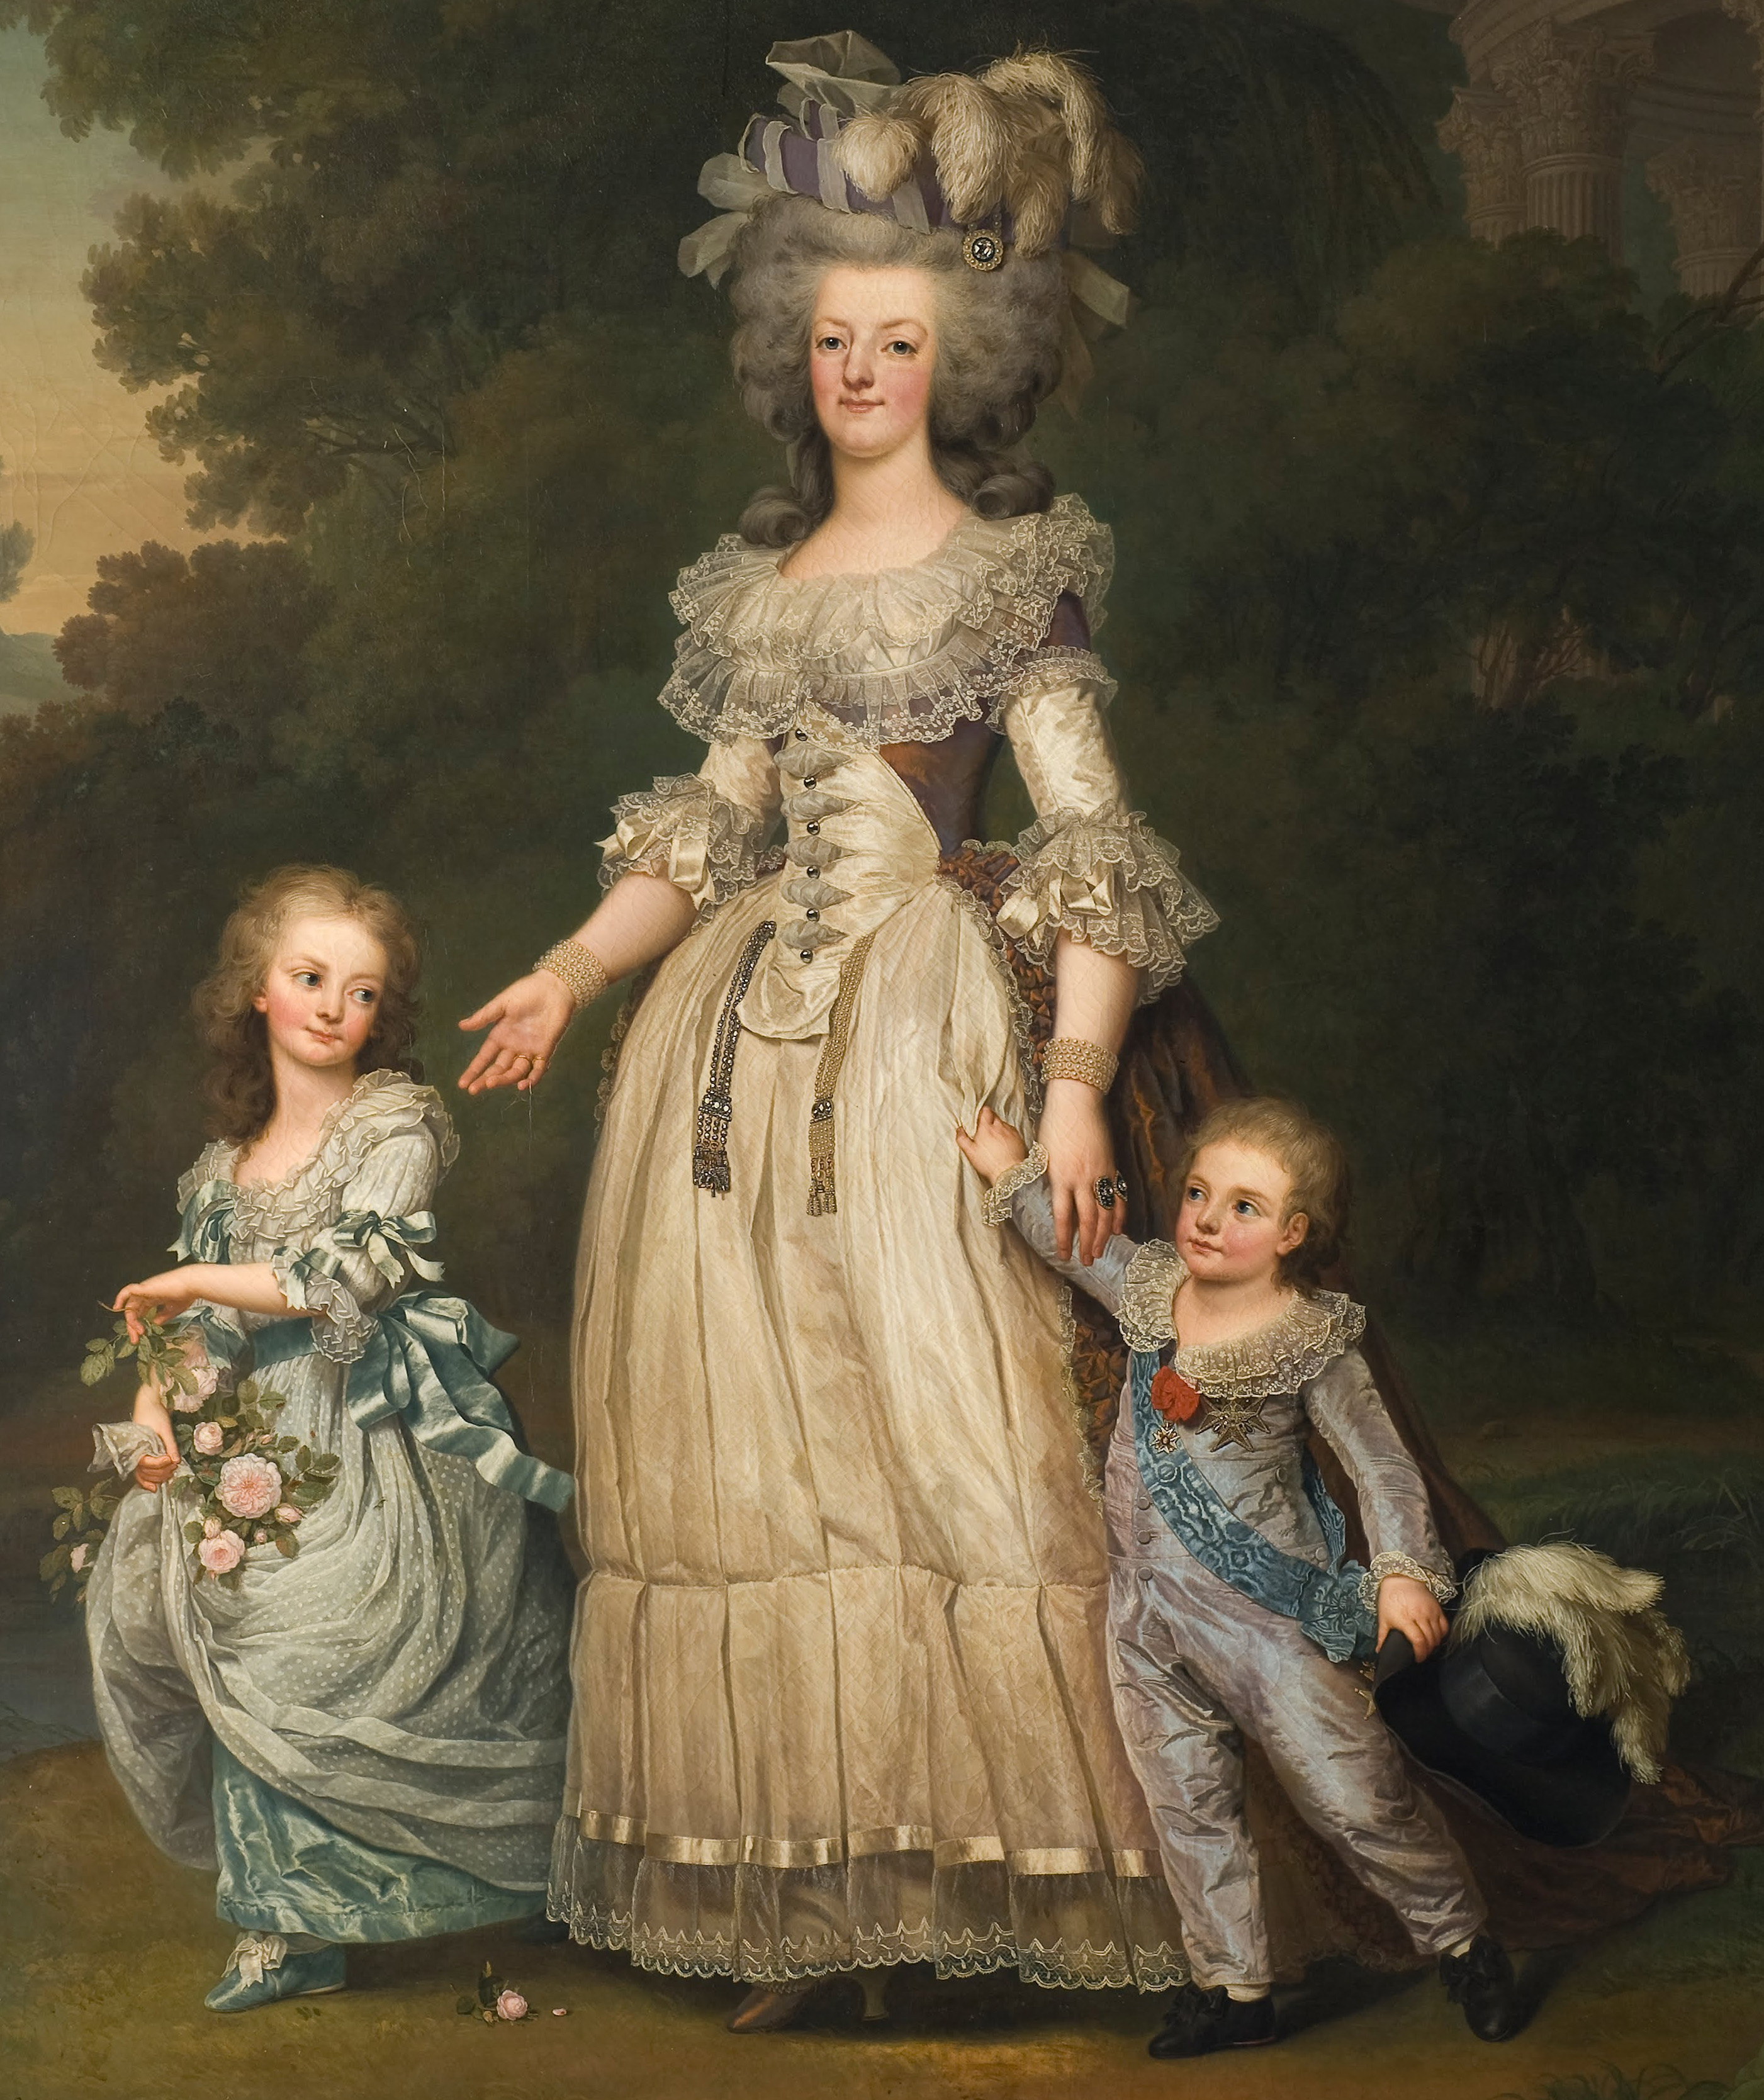 File:Marie Antoinette-children-1785-6-Wertmuller.jpg